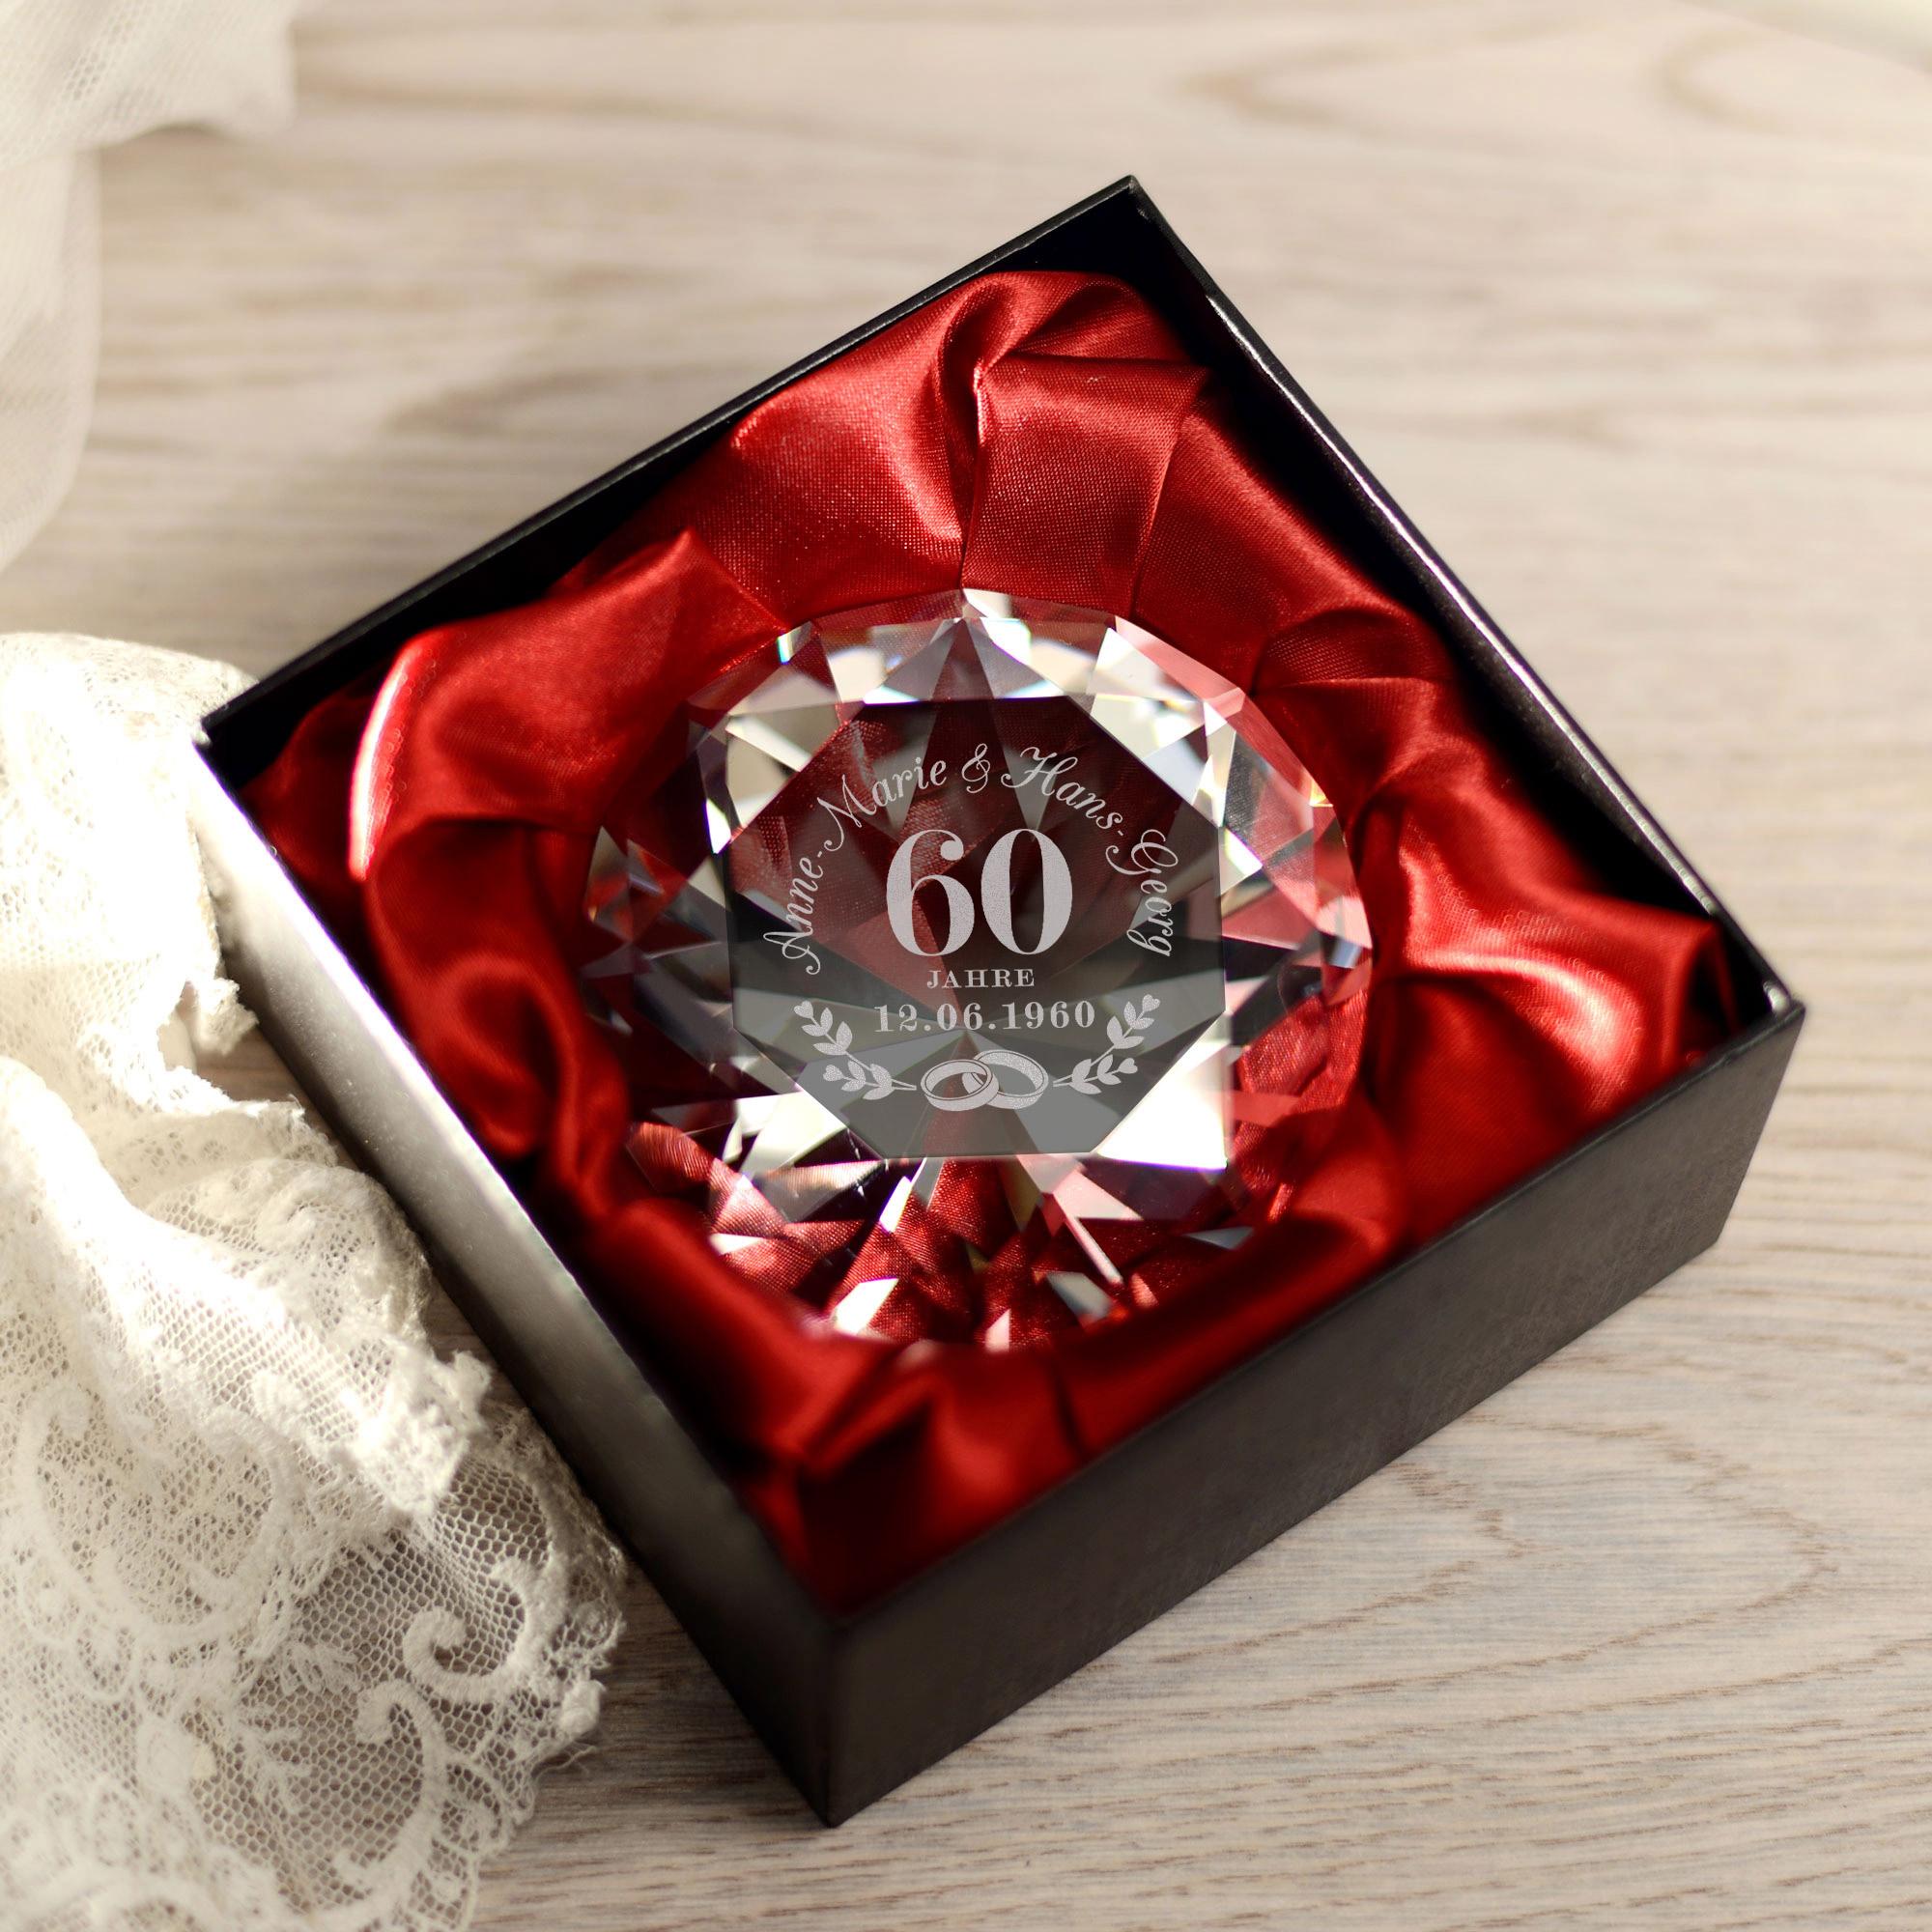 Diamant Kristall mit Gravur zur Diamantenen Hochzeit - Personalisiert